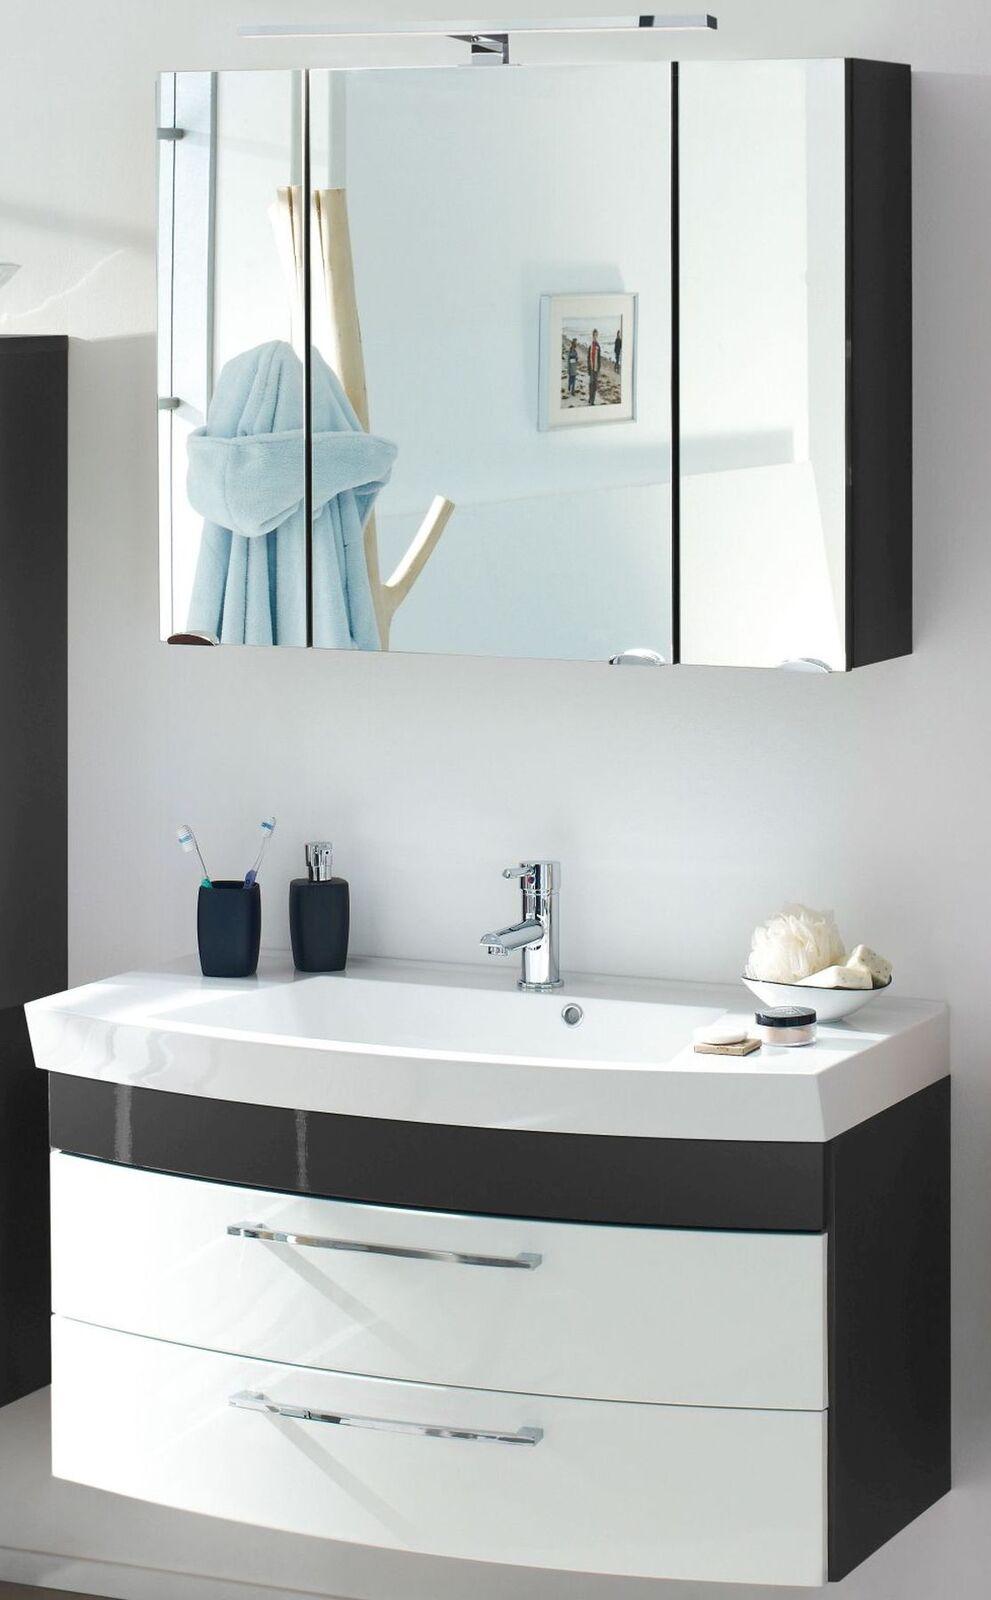 Badm bel badset 100 cm waschtisch led spiegelschrank bad set badezimmer m bel kaufen bei - Spiegelschrank bad 100 cm ...